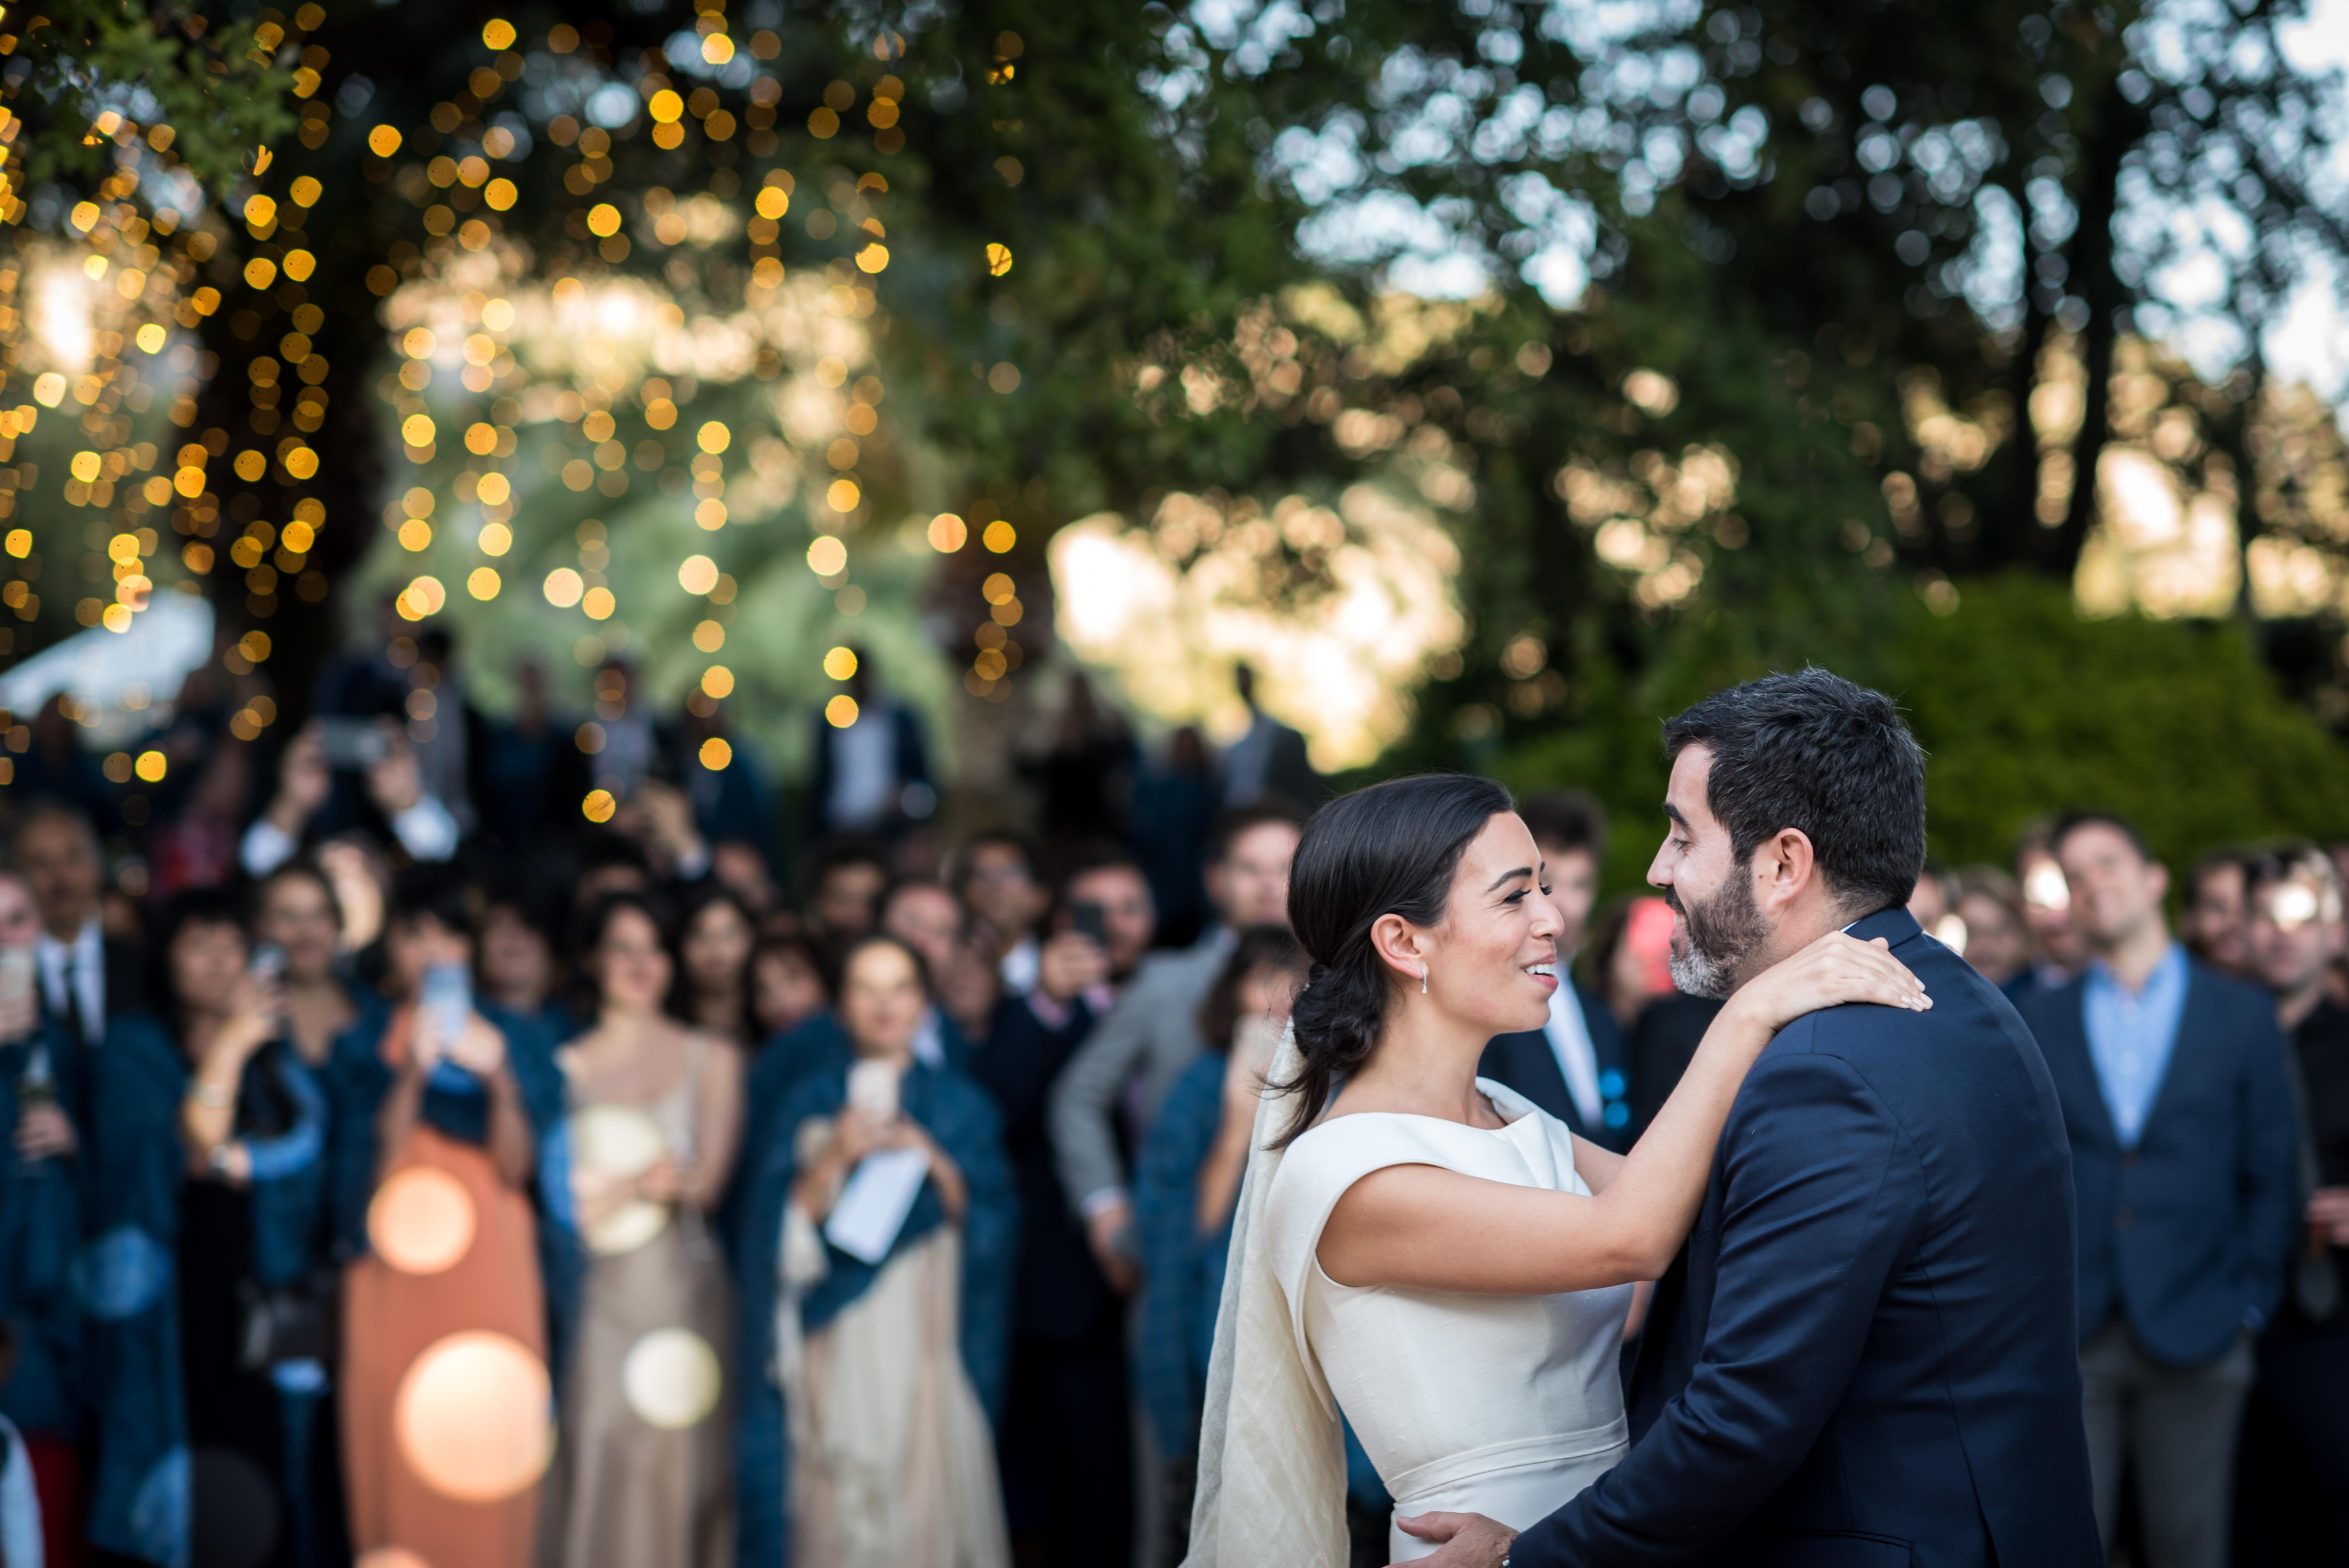 Elisa María & José una boda pensada para disfrutar y pasarlo en grande / Elisa María & José, a wedding devoted to enjoy and entertain